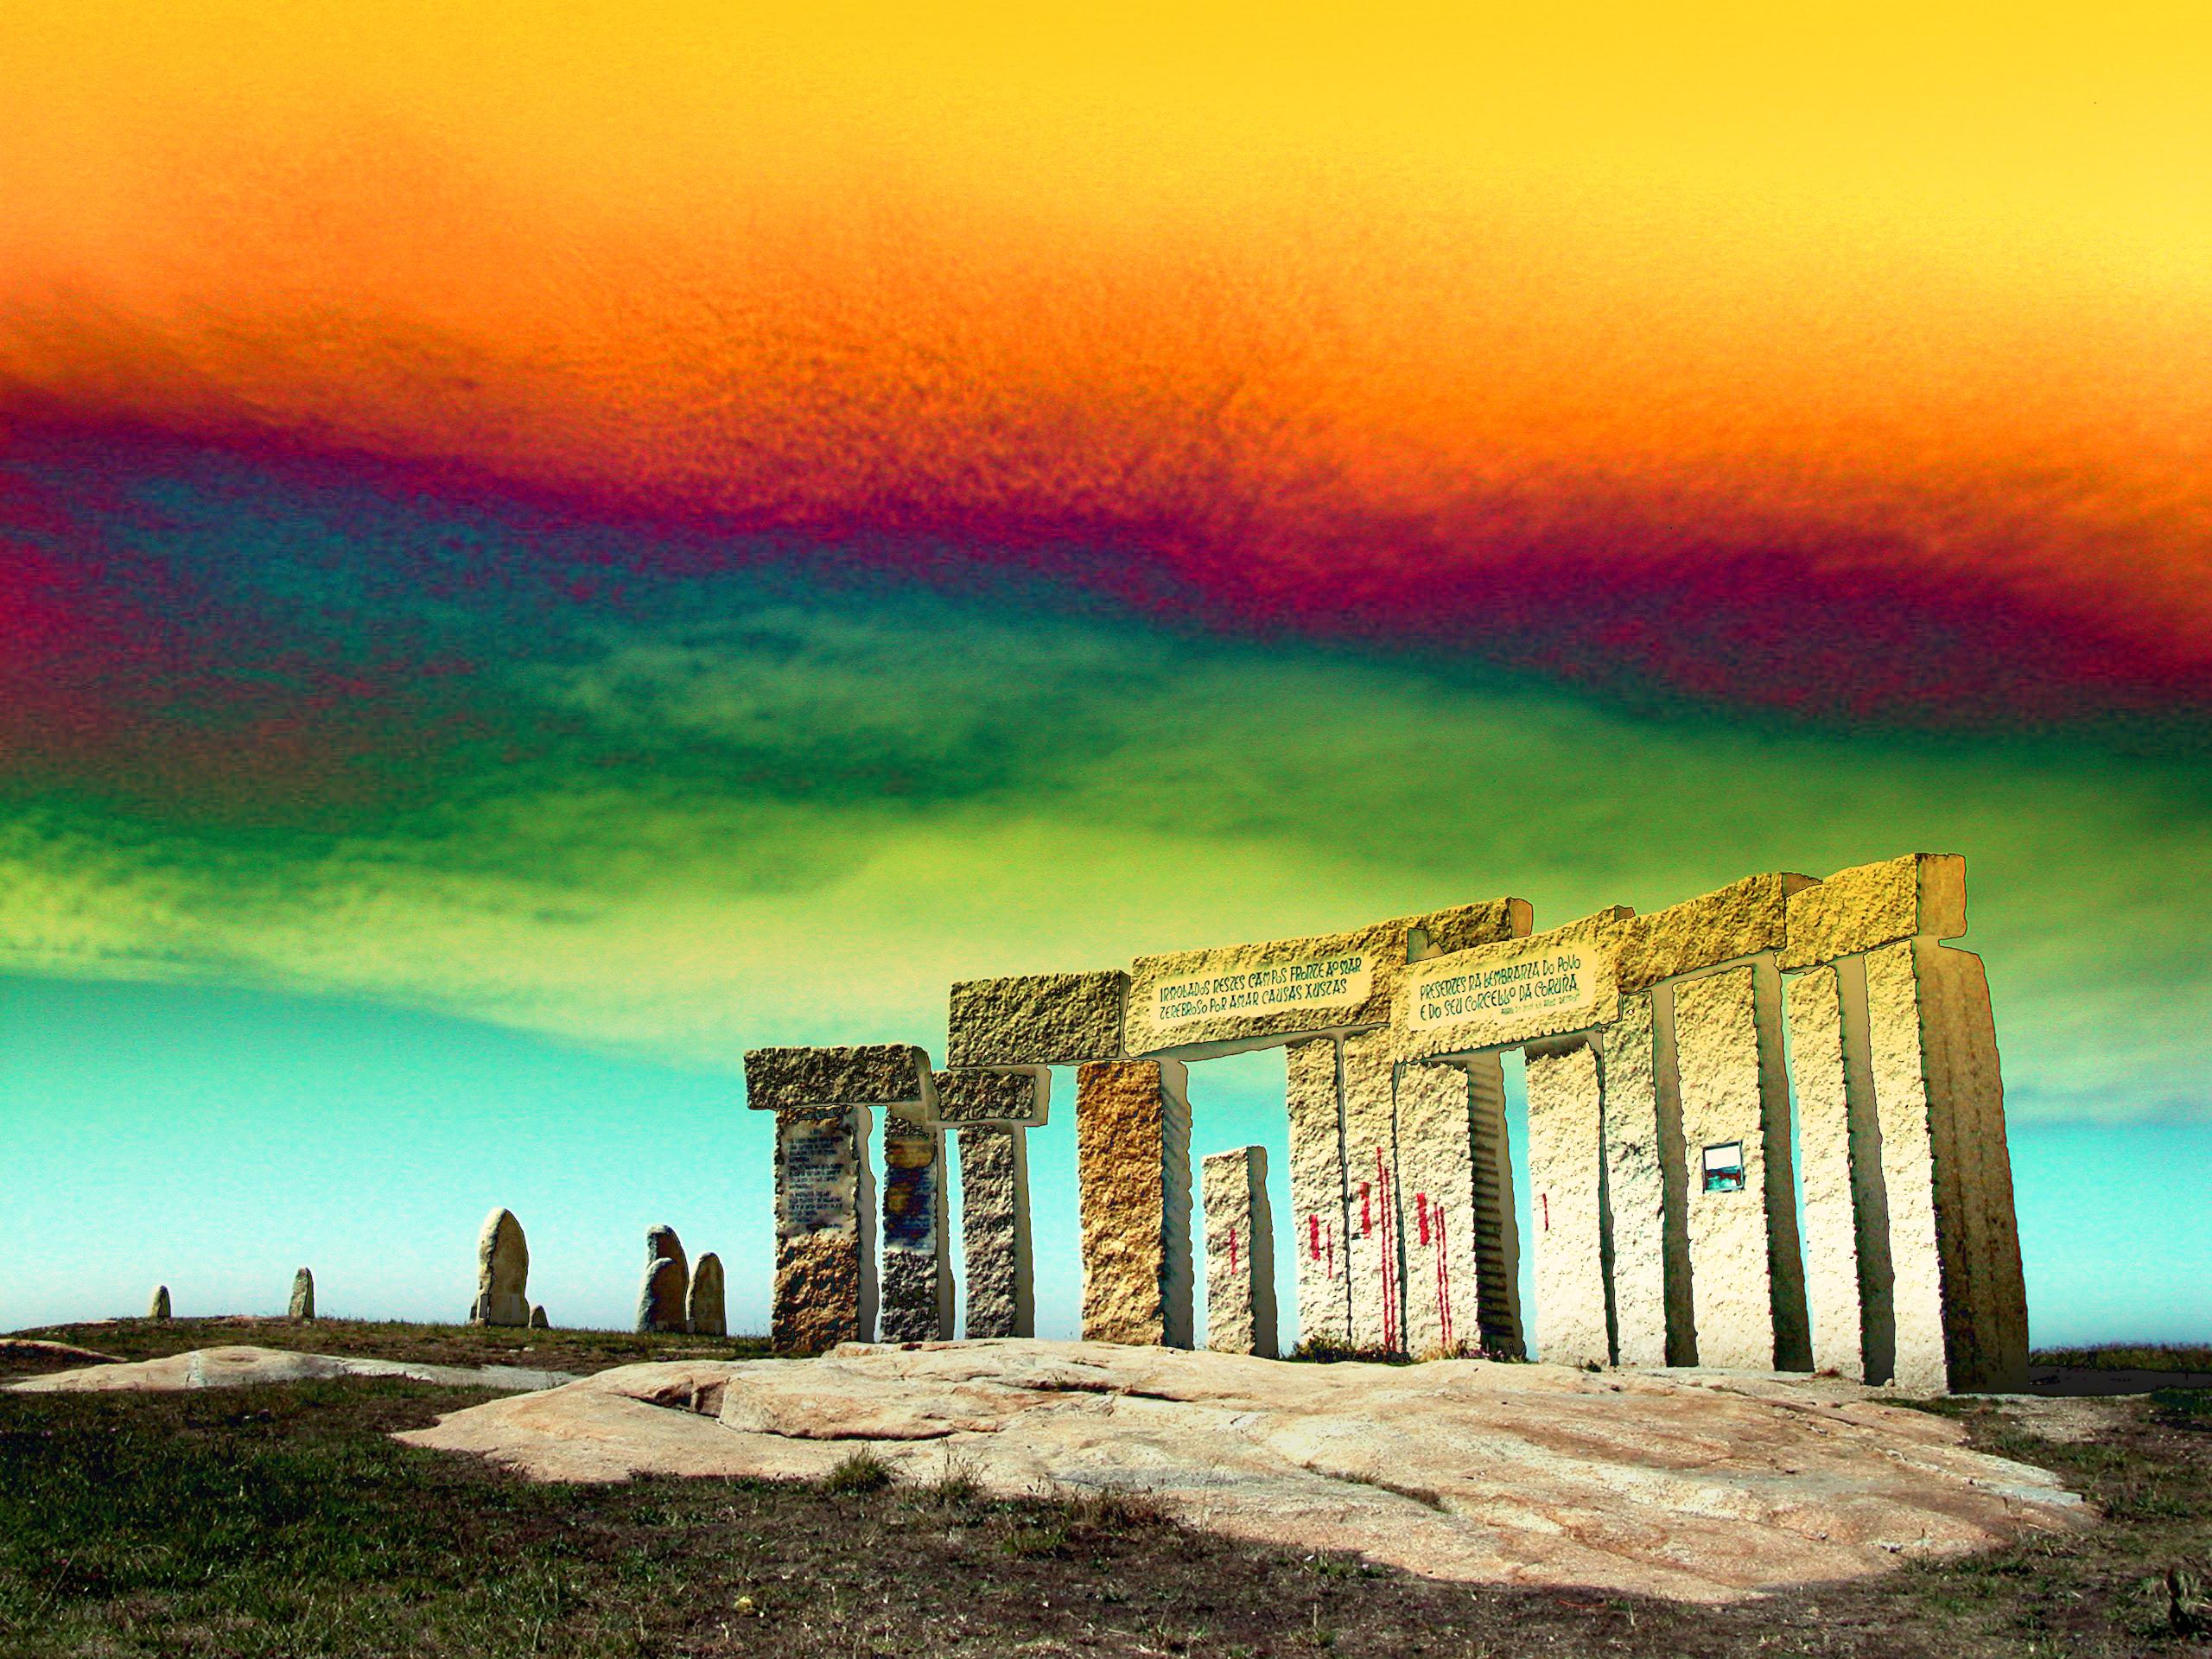 Foto playa San Amaro. Monumento a los fusilados por las hordas franquistas-fascistas,